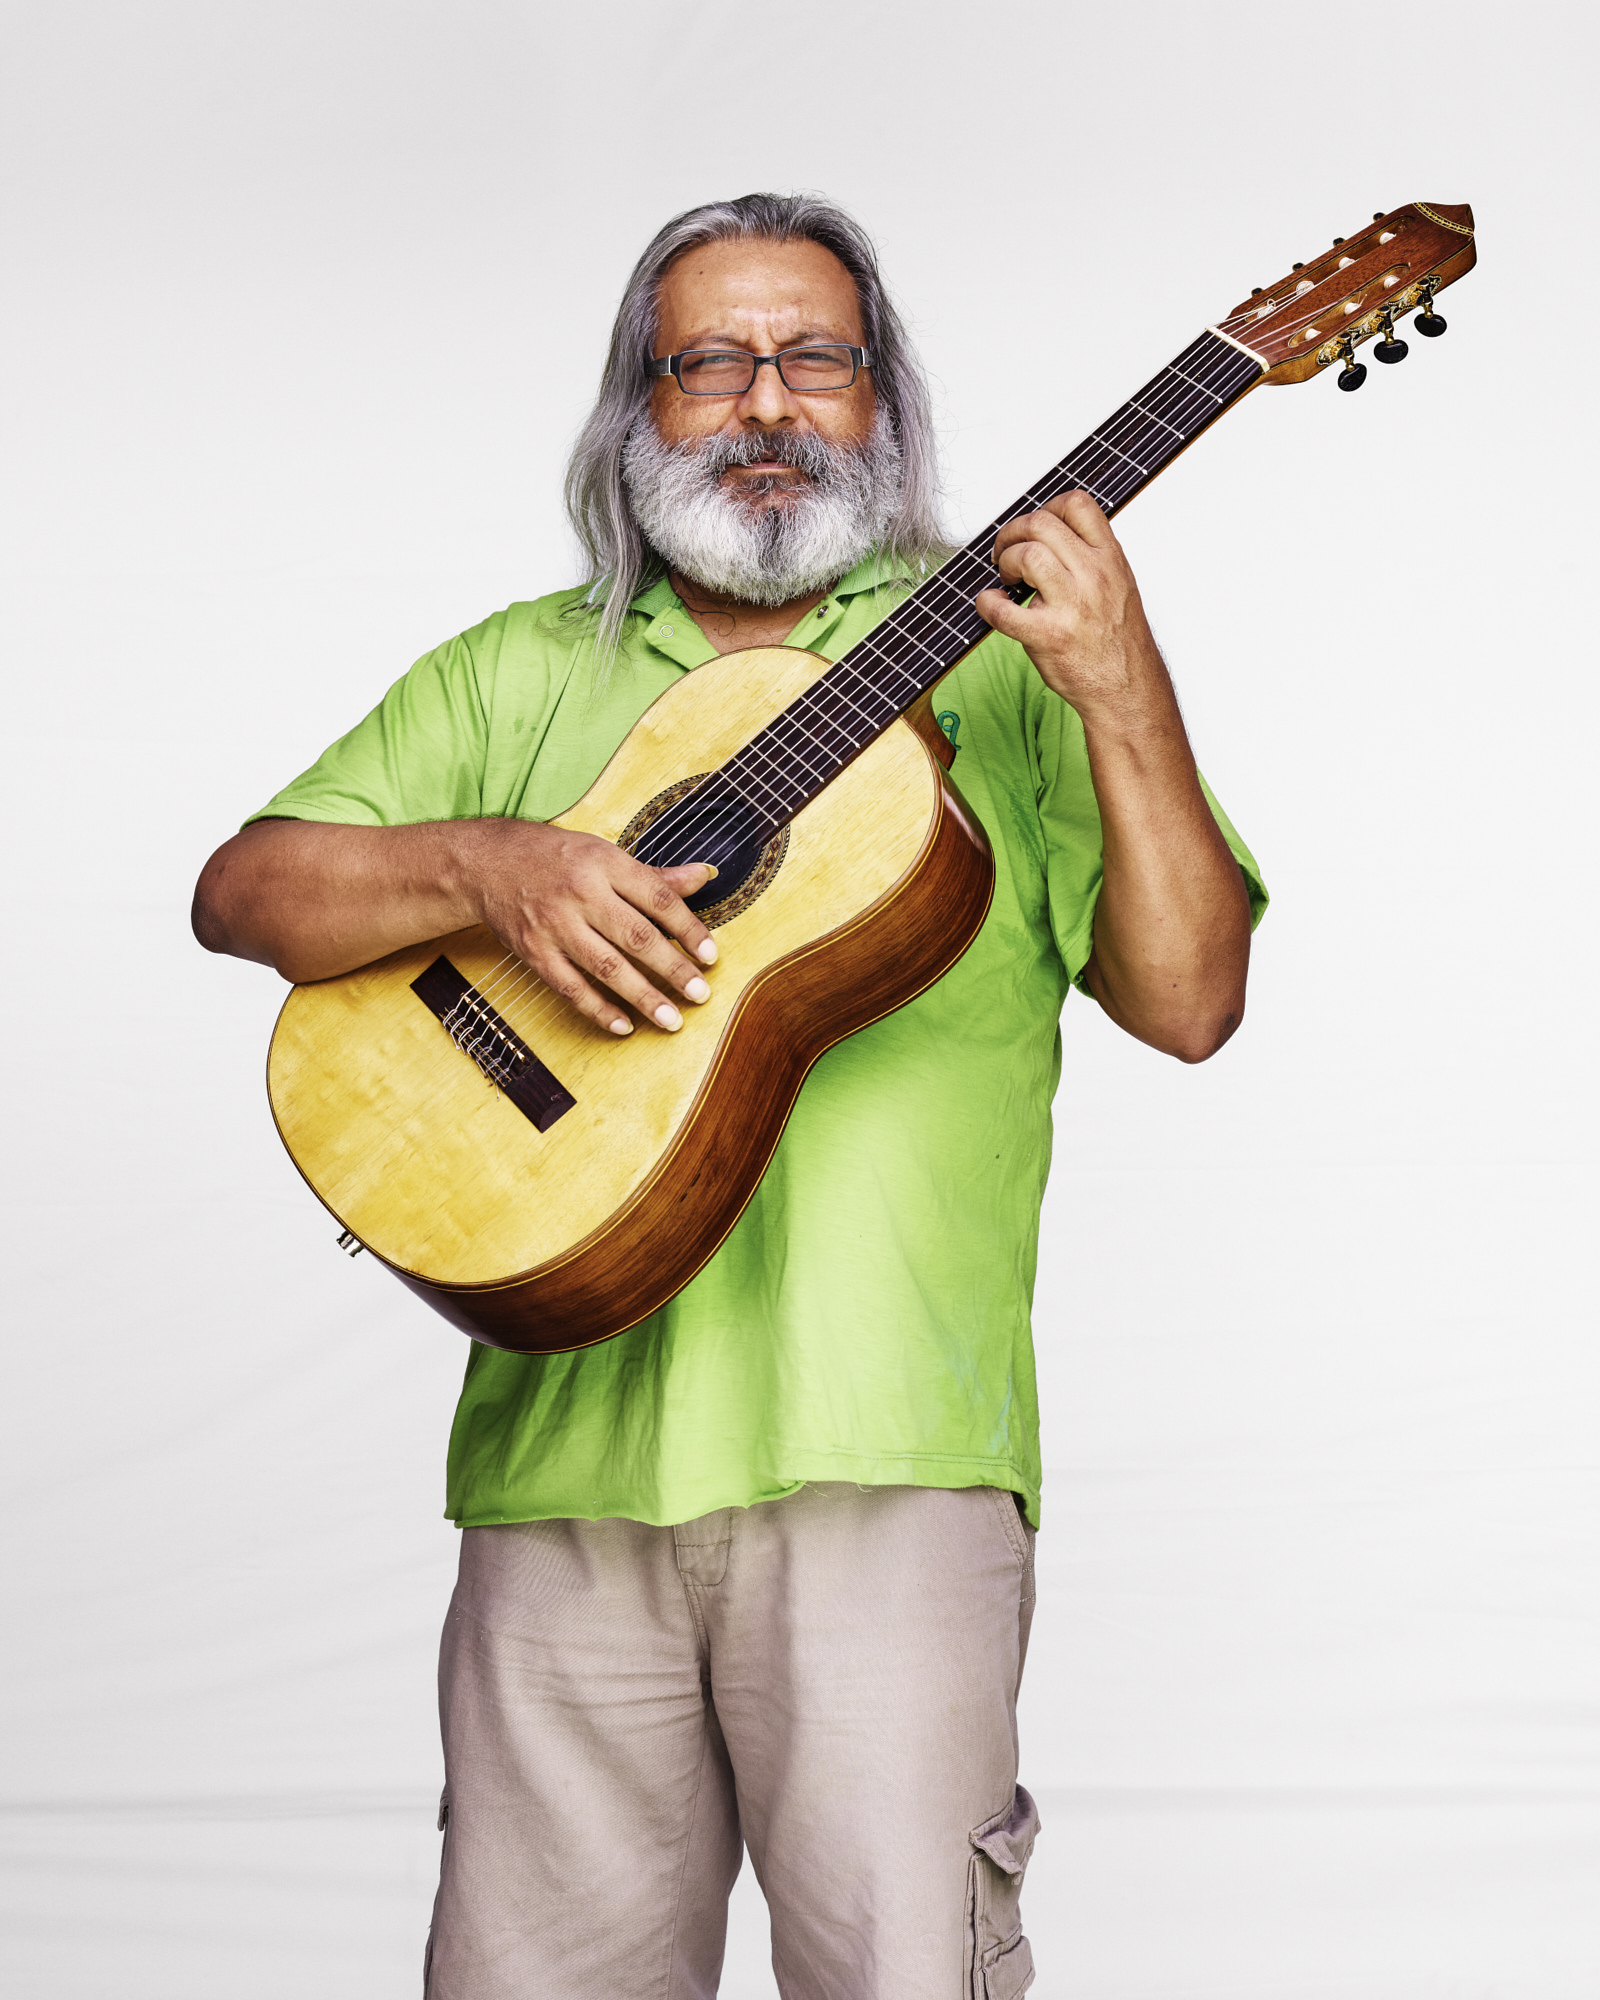 Rubens Gomes - José Rubens Pereira Gomes